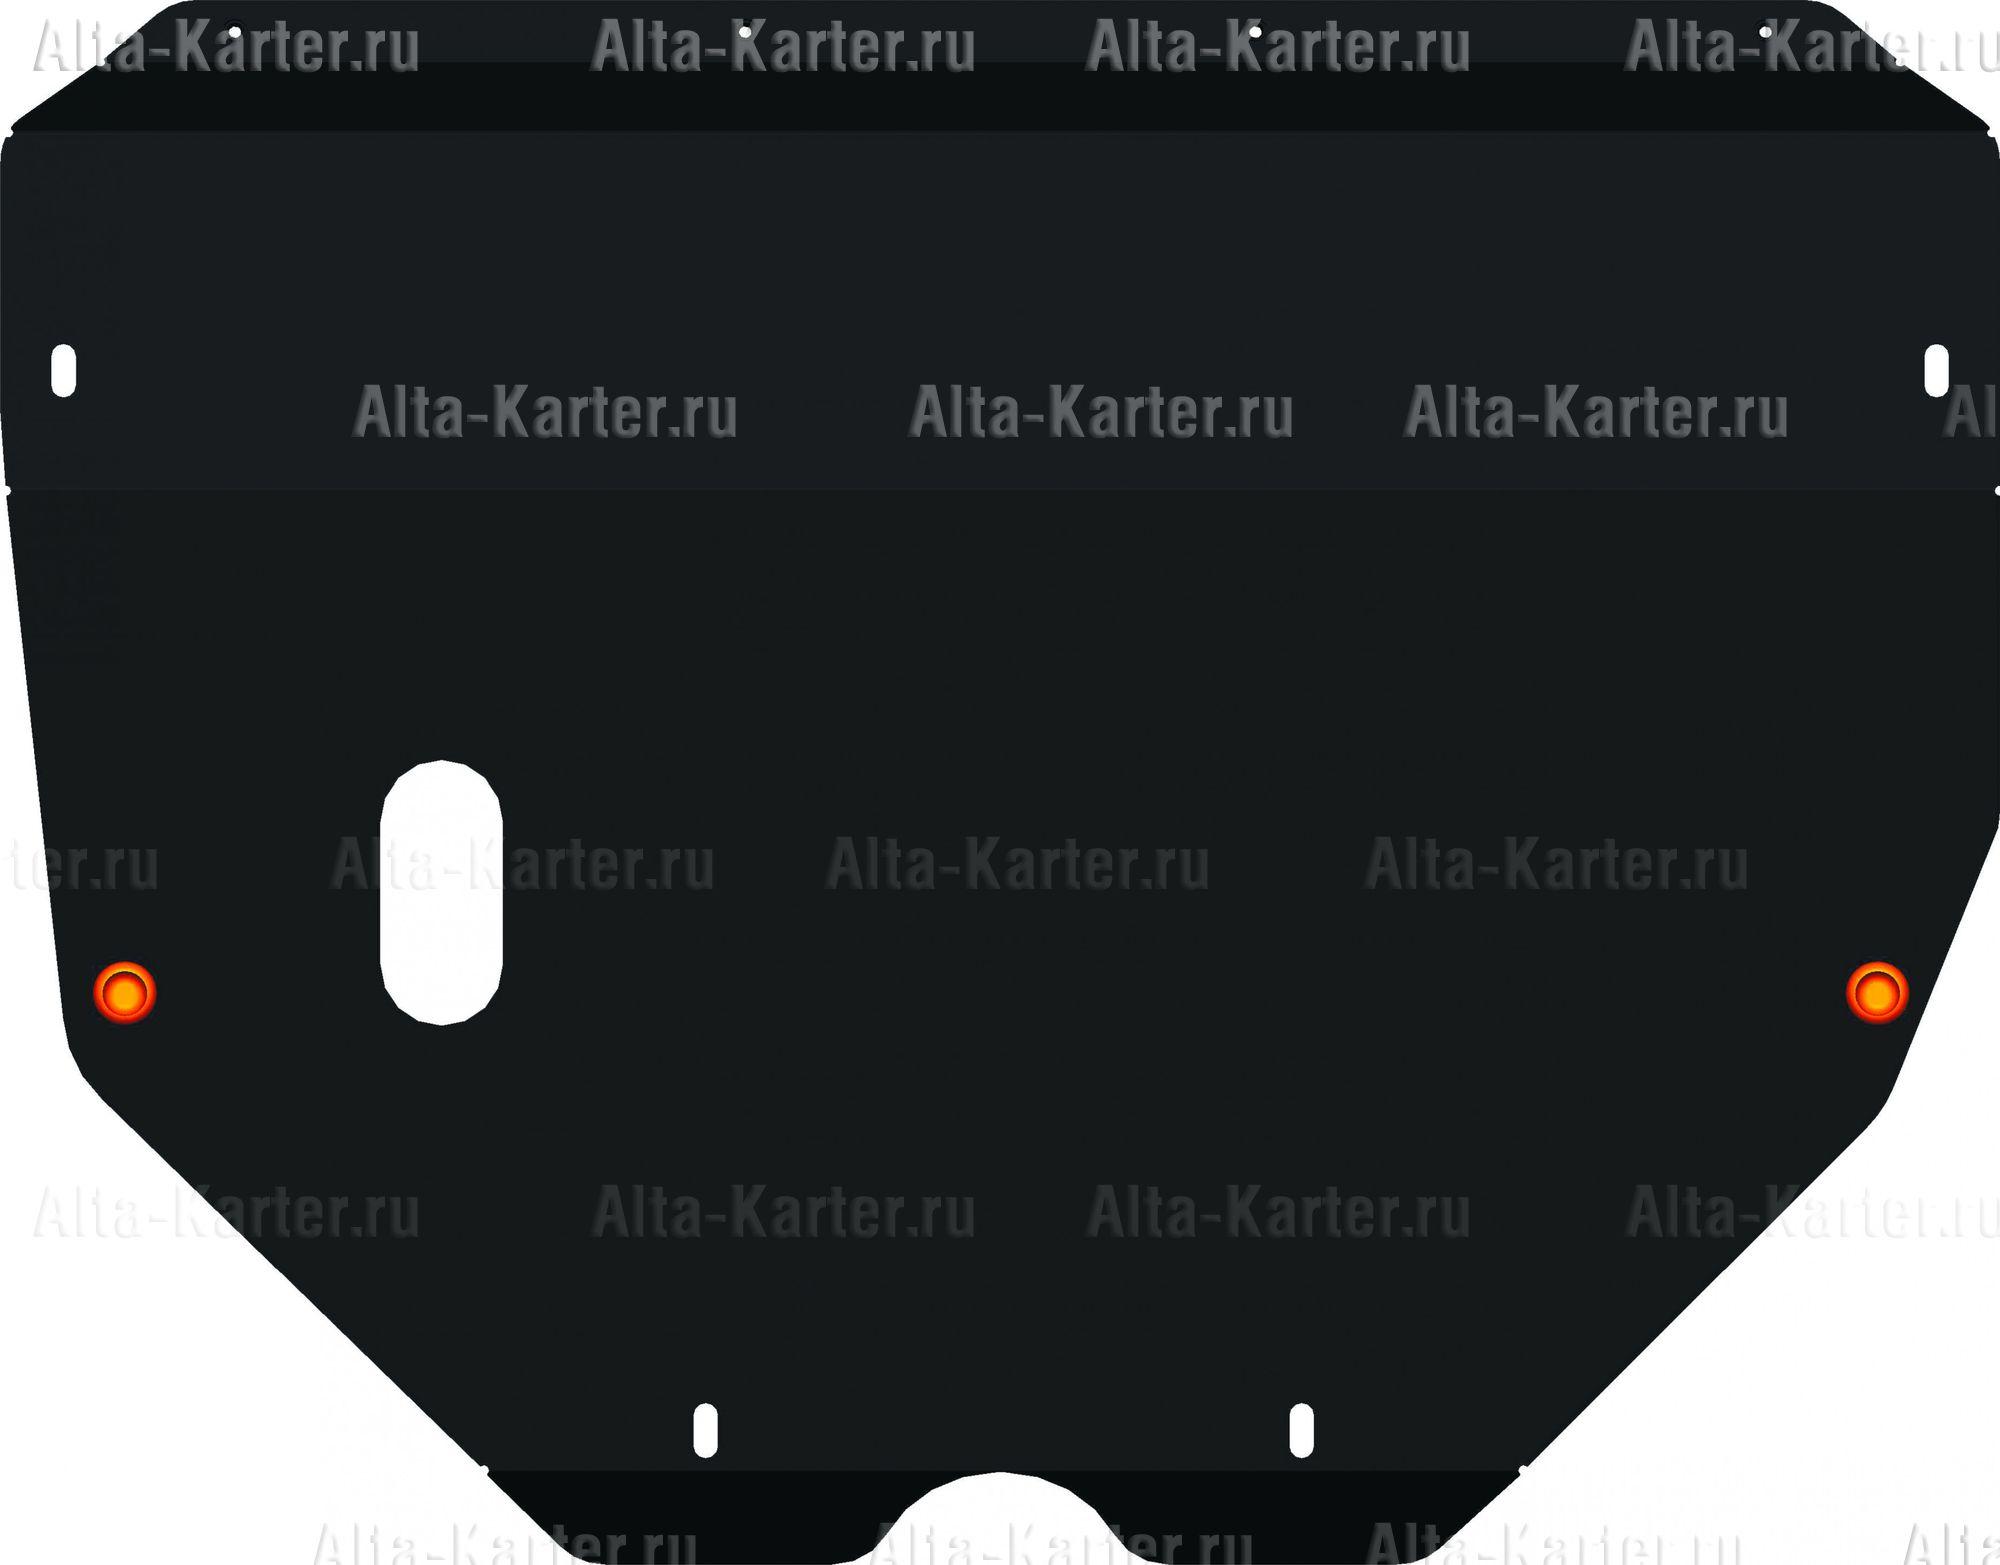 Защита Alfeco для картера и КПП Toyota Sienna I 1997-2003. Артикул ALF.24.73